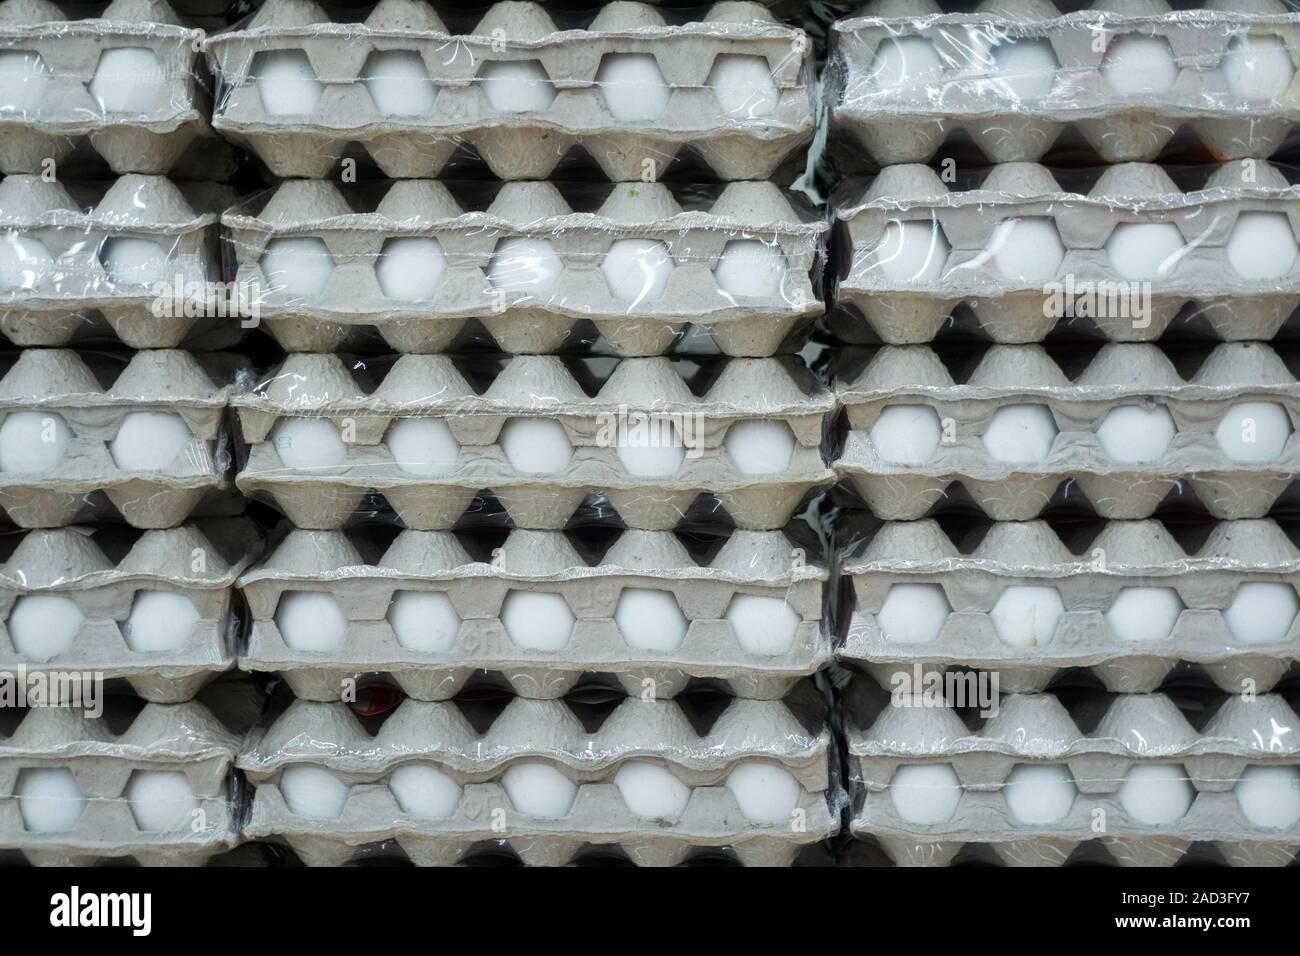 Molte scatole di uova visualizzato sullo scaffale di supermercato per la vendita. Foto Stock